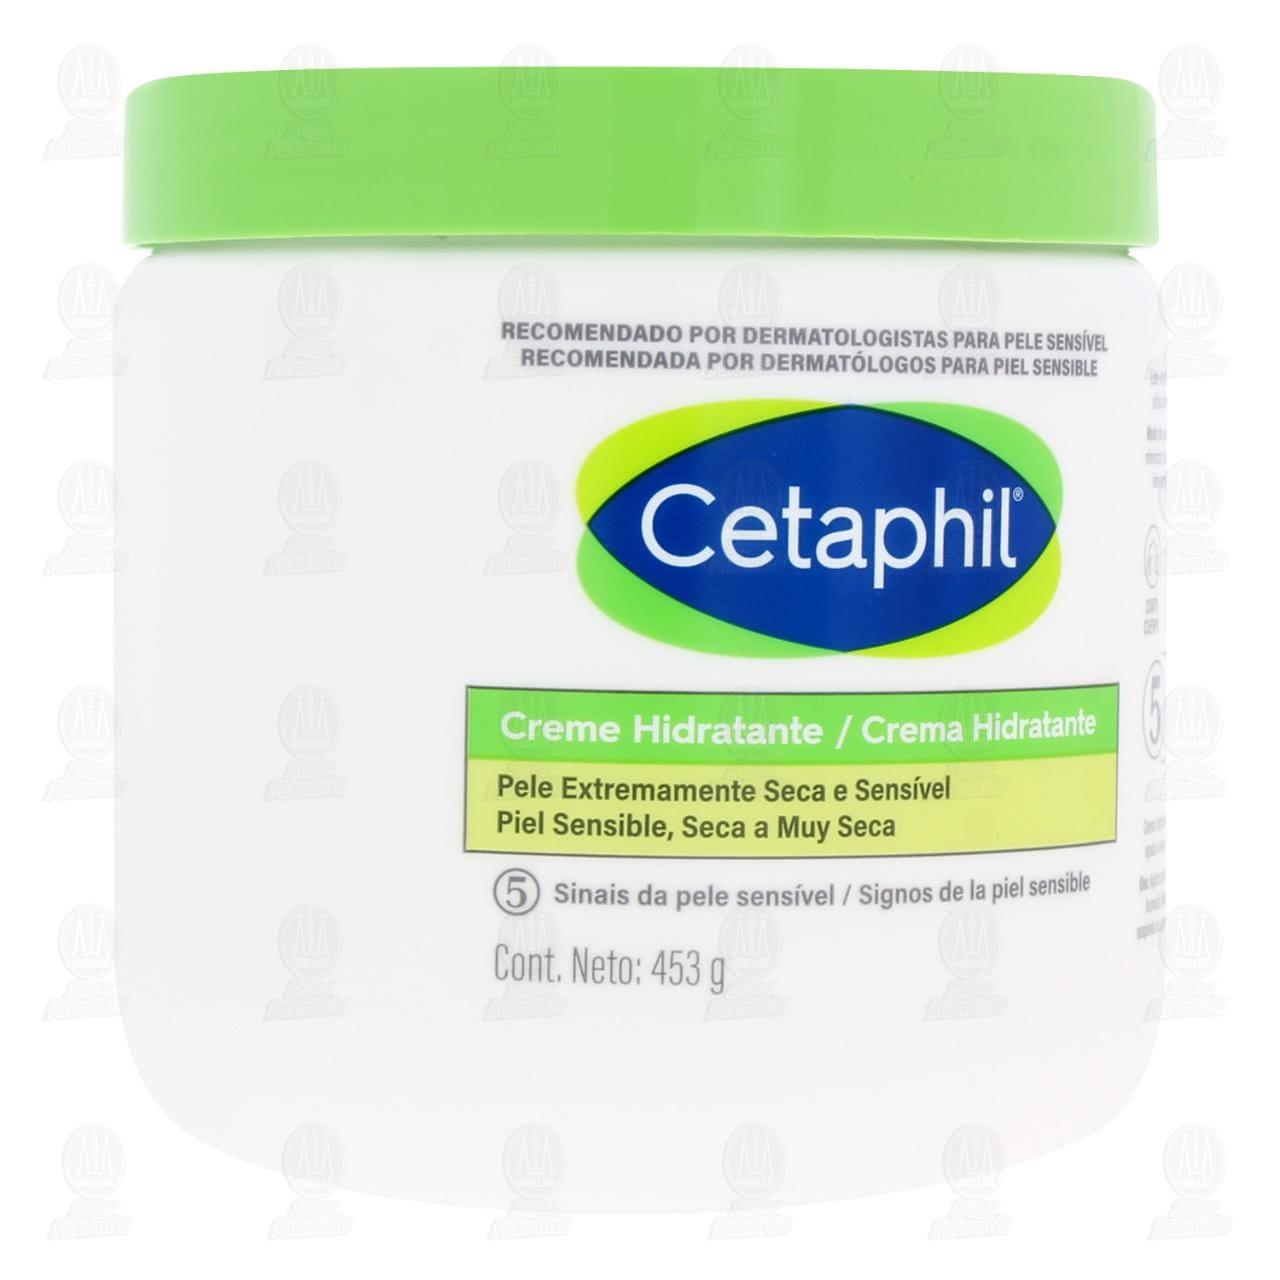 Comprar Cetaphil Crema Humectante, 453 gr. en Farmacias Guadalajara